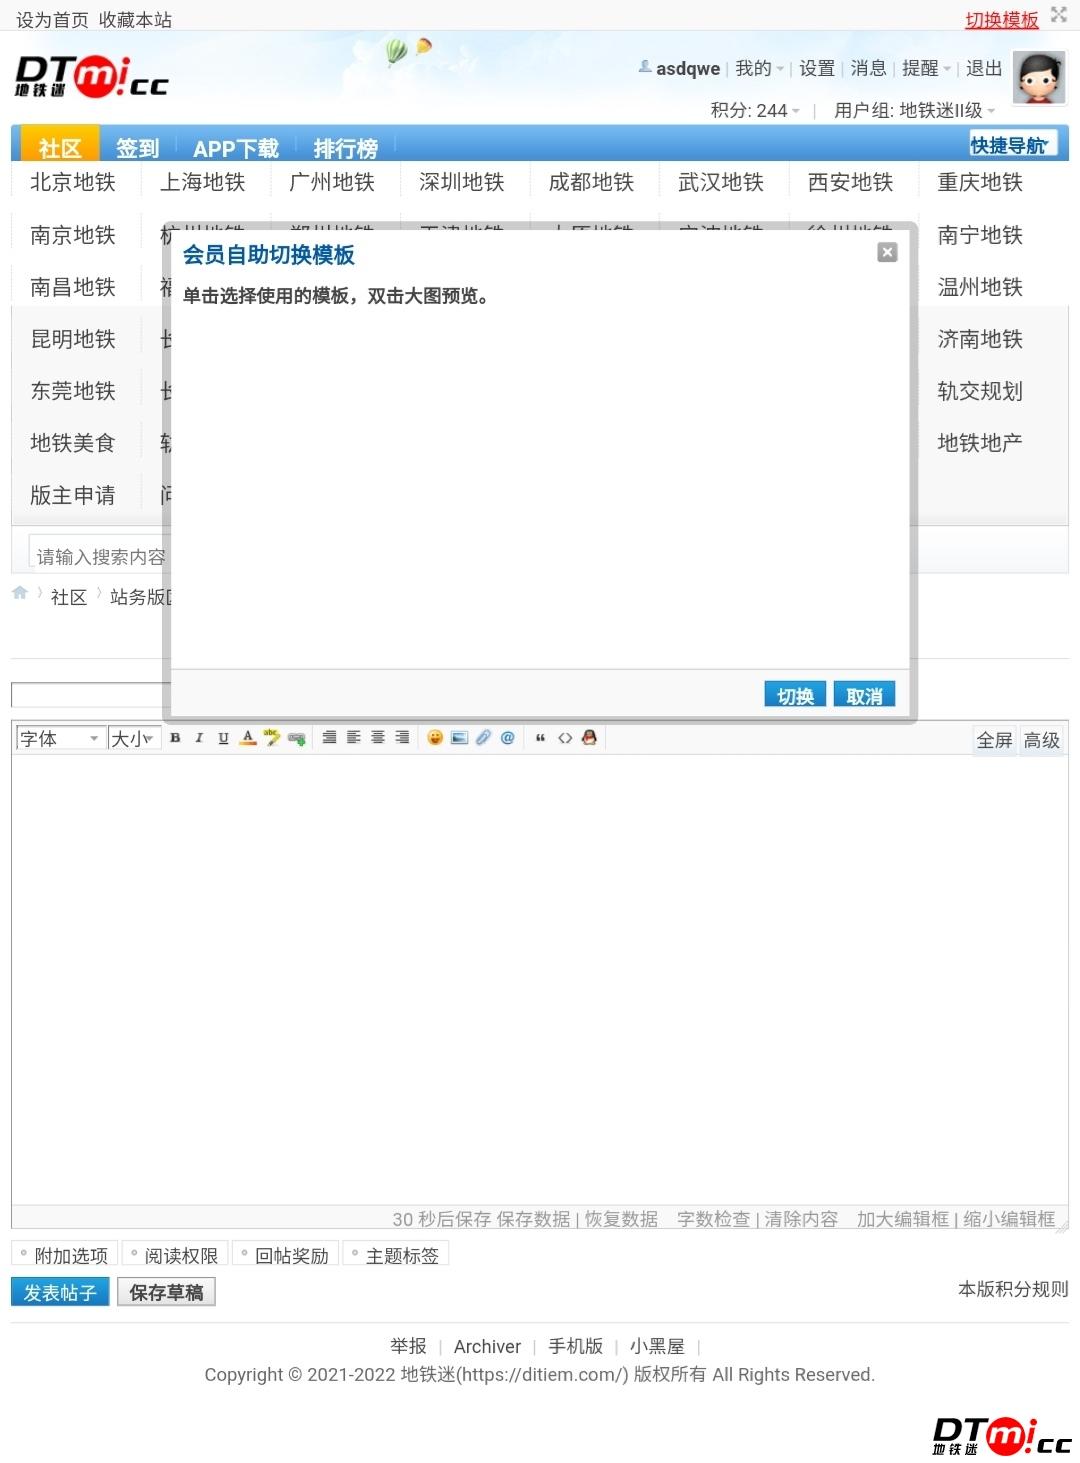 Screenshot_20210528_104107.jpg